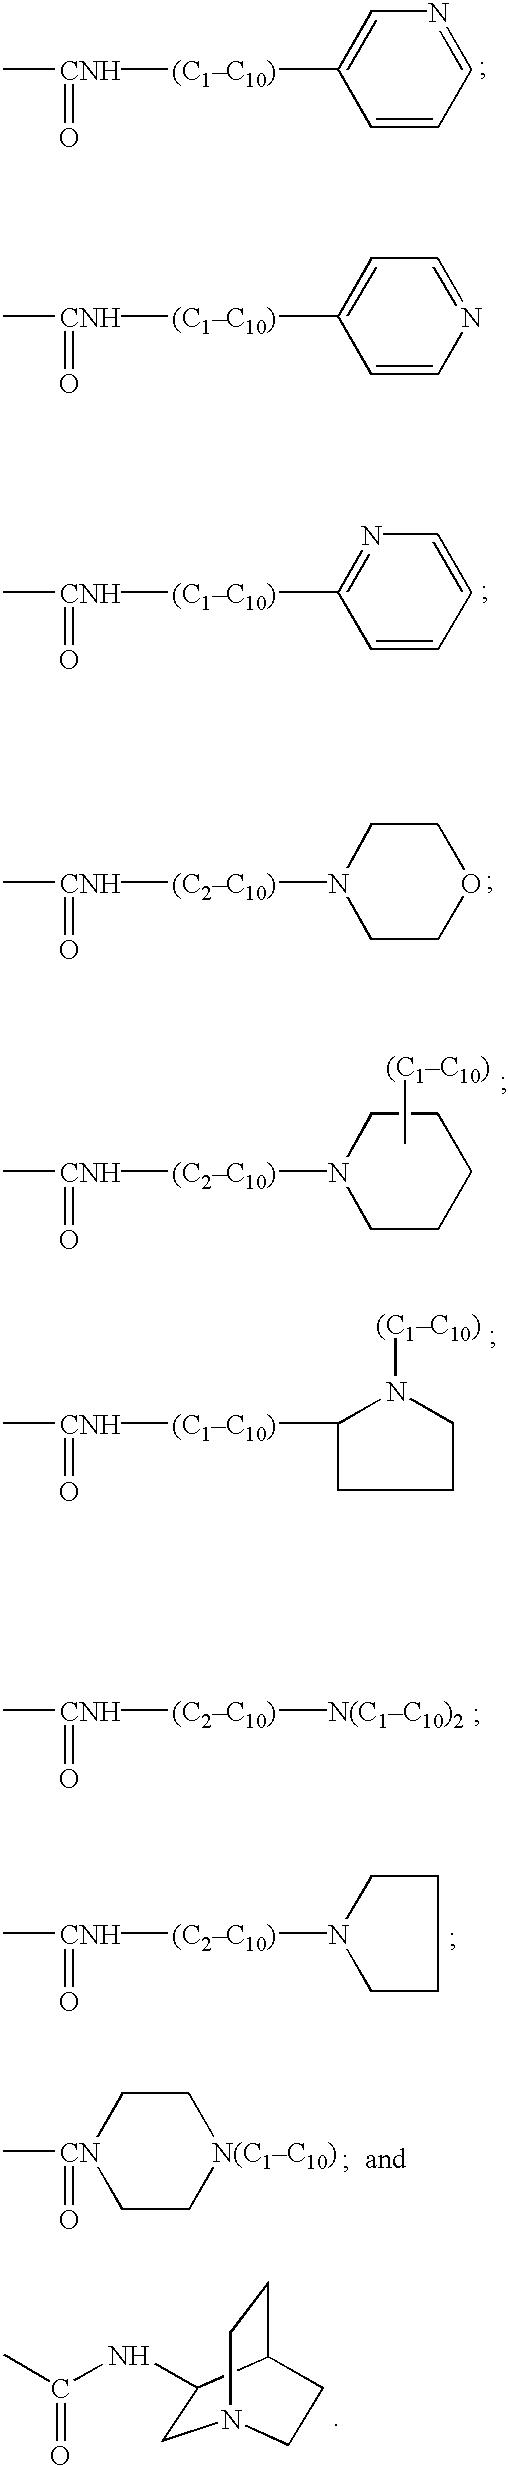 Figure US06815212-20041109-C00014